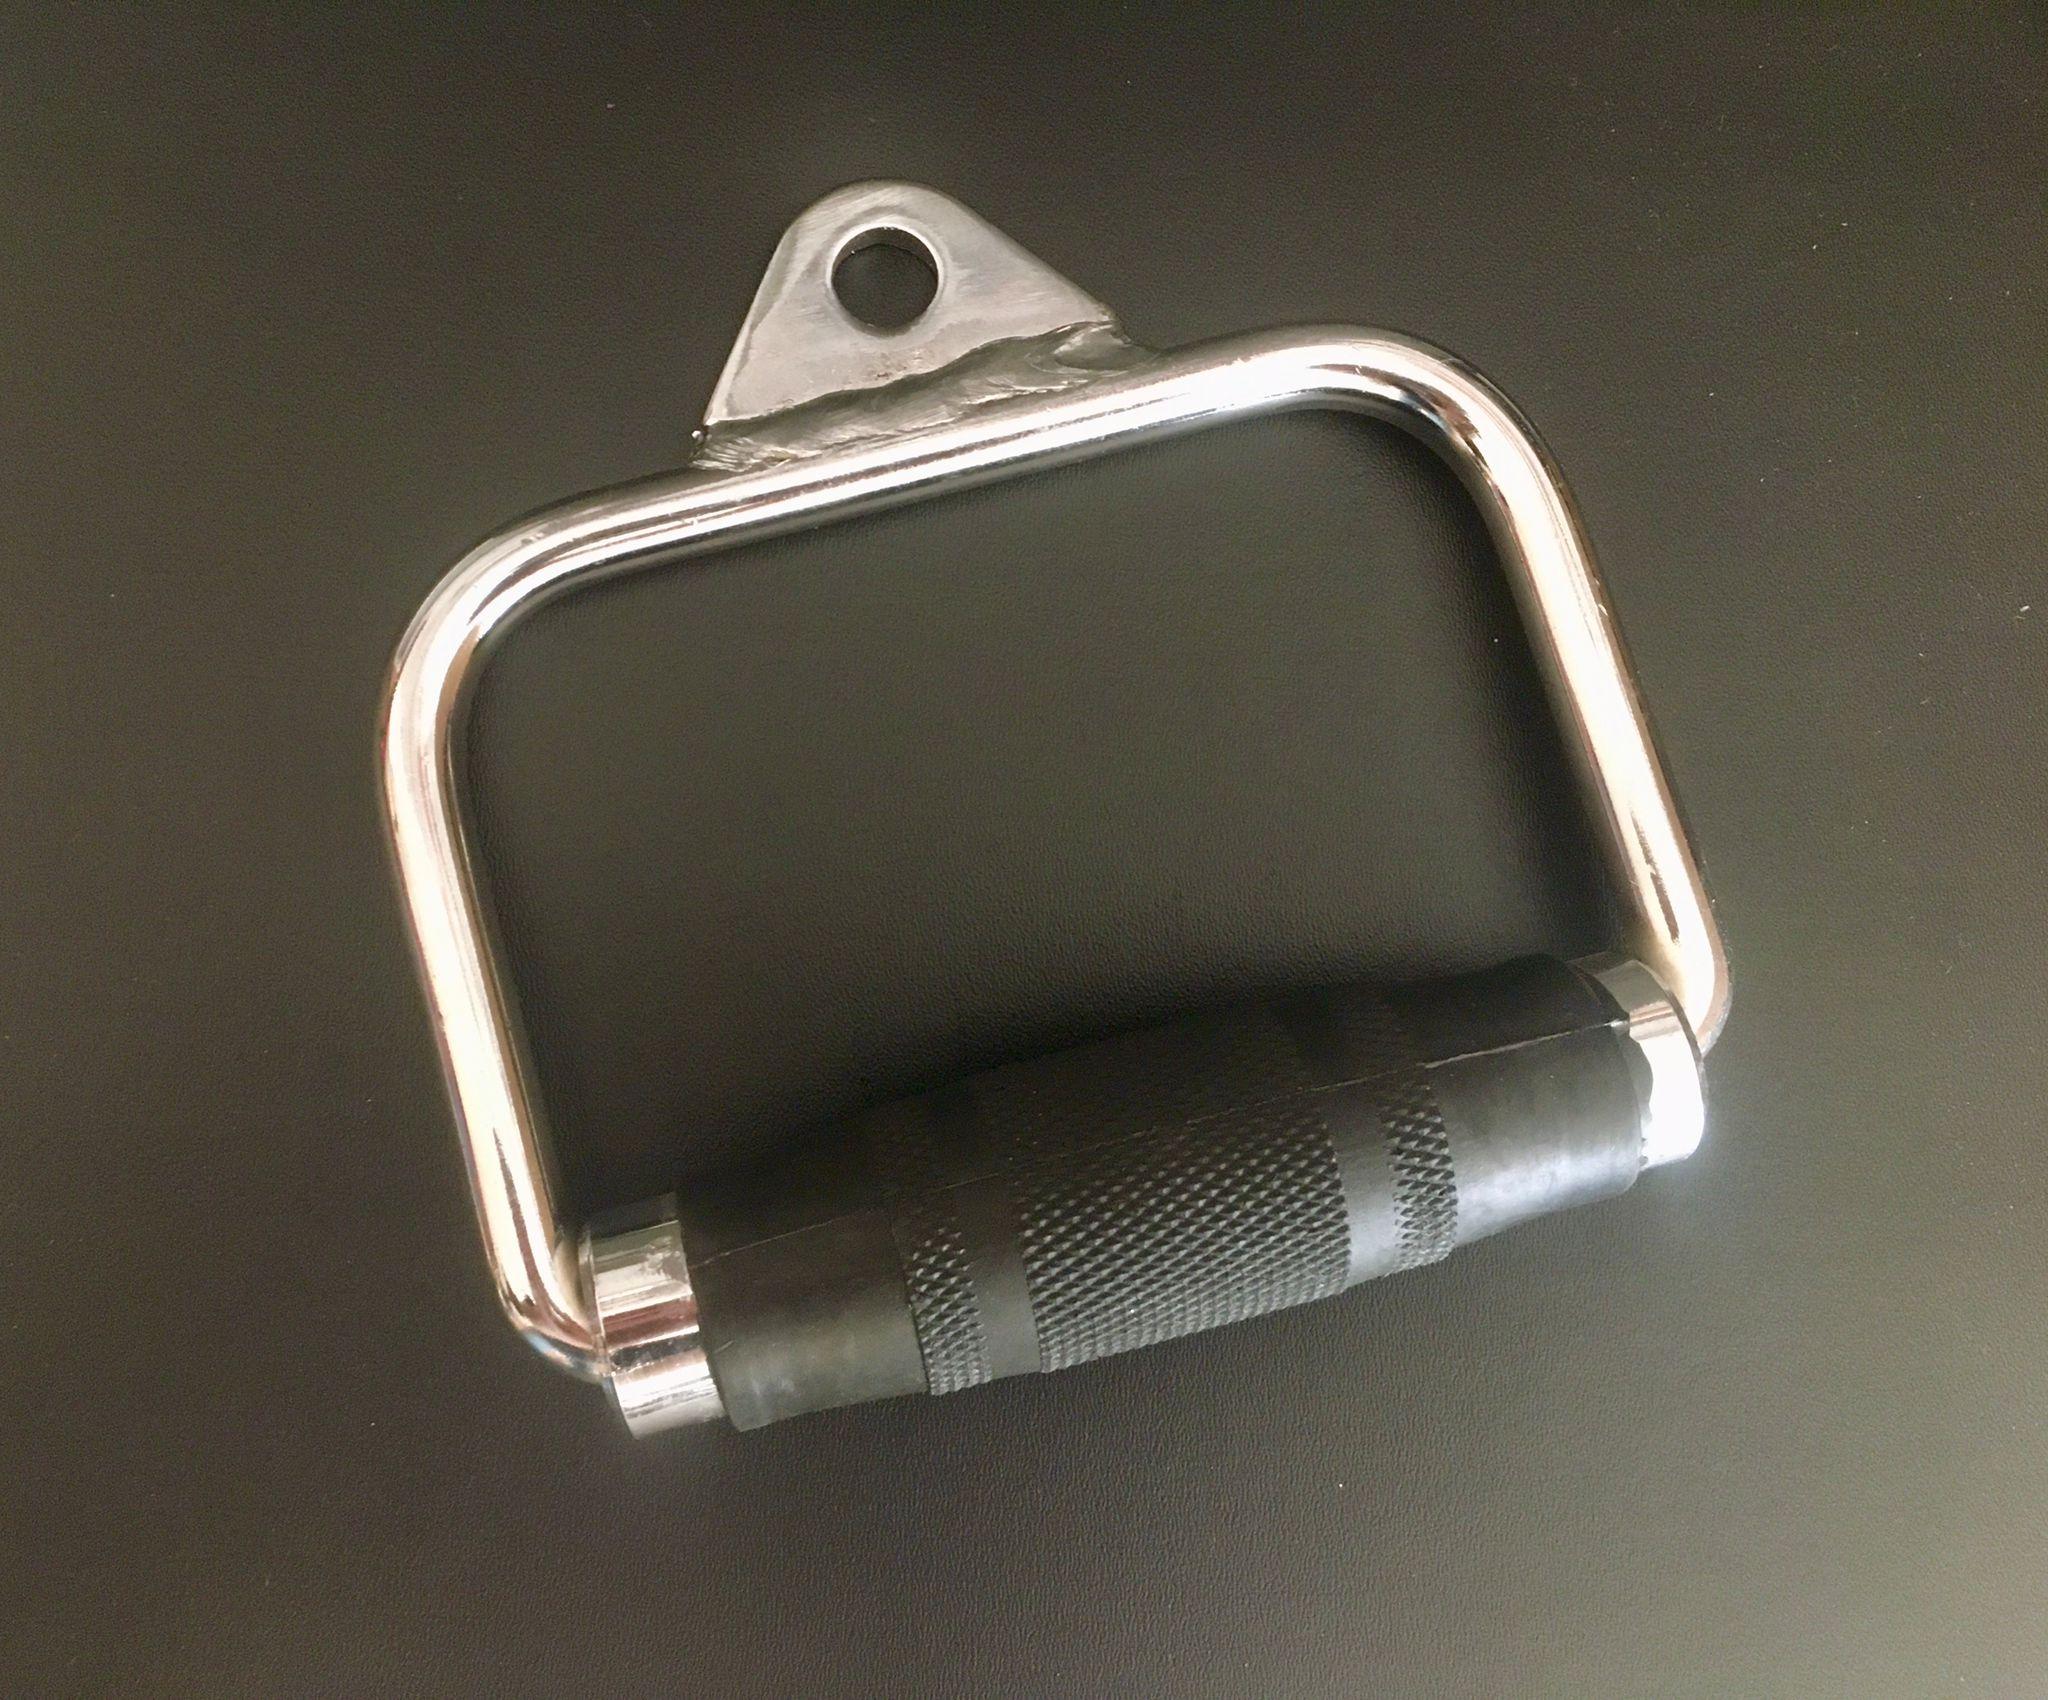 TEKKFIT - Maniglia single pulley per trazioni con impugnatura gommata